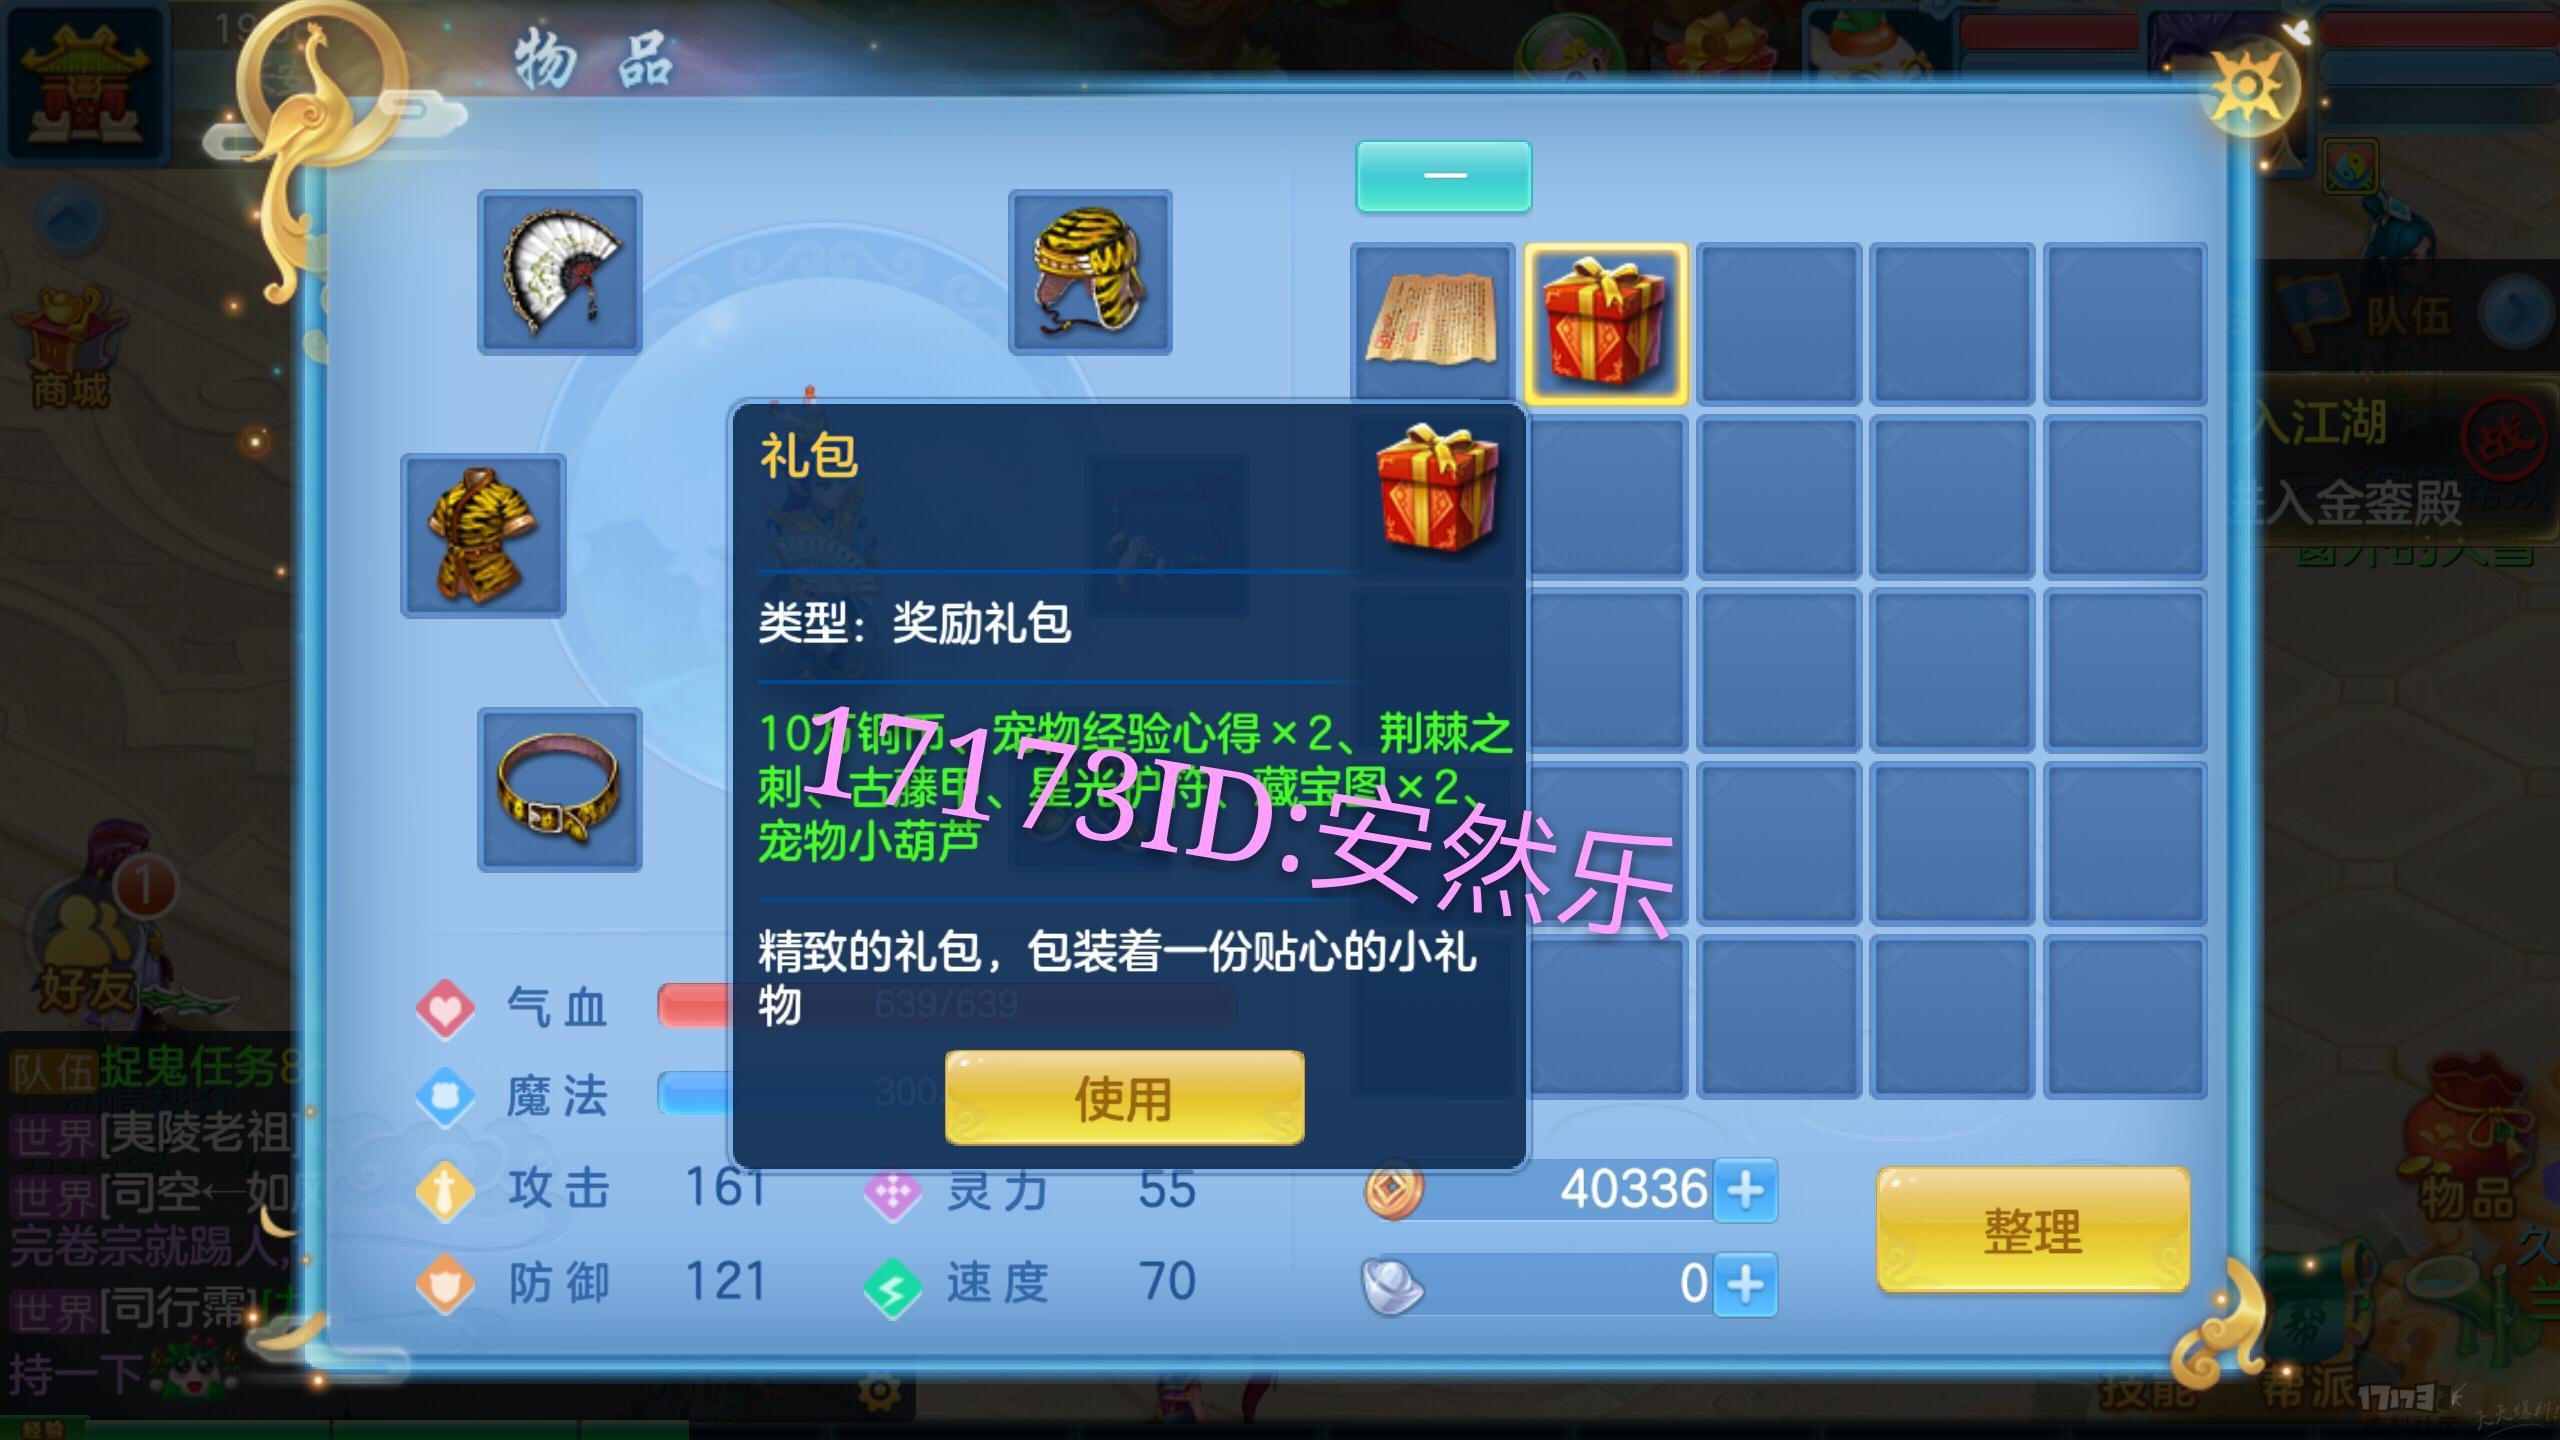 Screenshot_20181107-190812_mh1541670276683.jpg